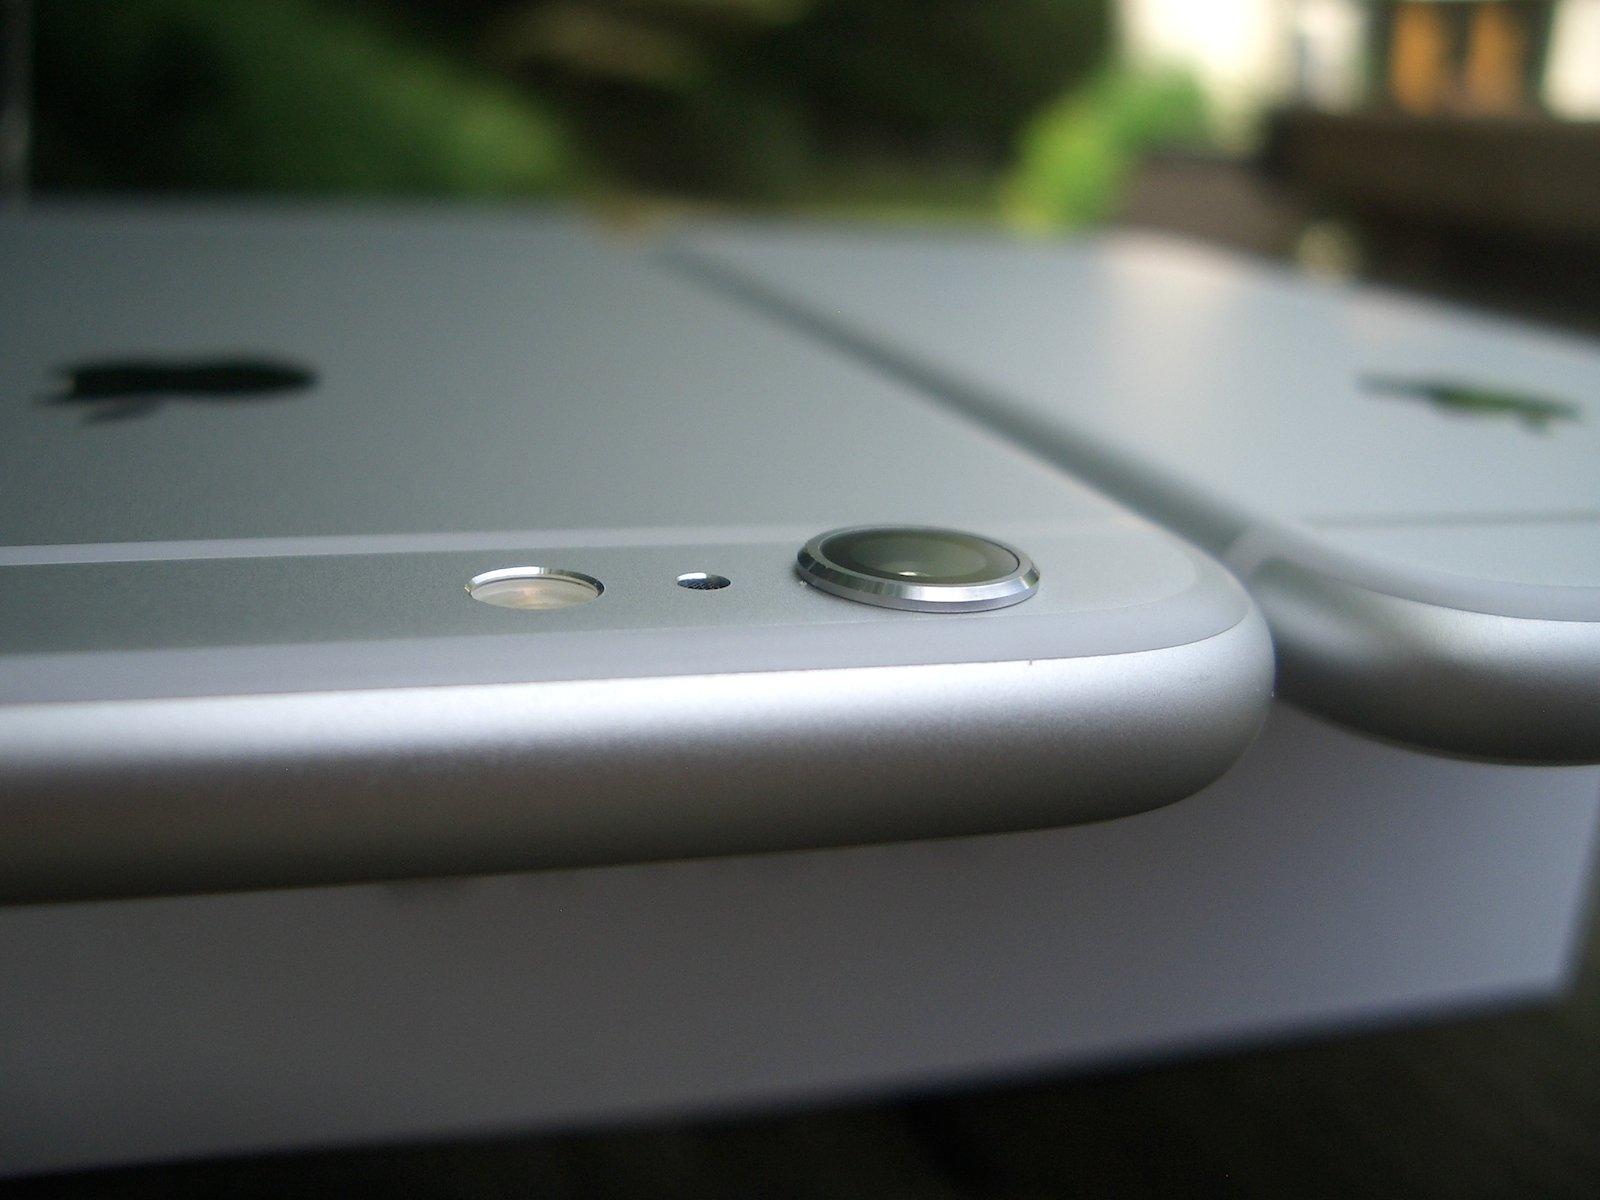 Témoignage   iPhone 6 ou iPhone 6 Plus   Mon choix après plusieurs ... 67d54fea1e3e